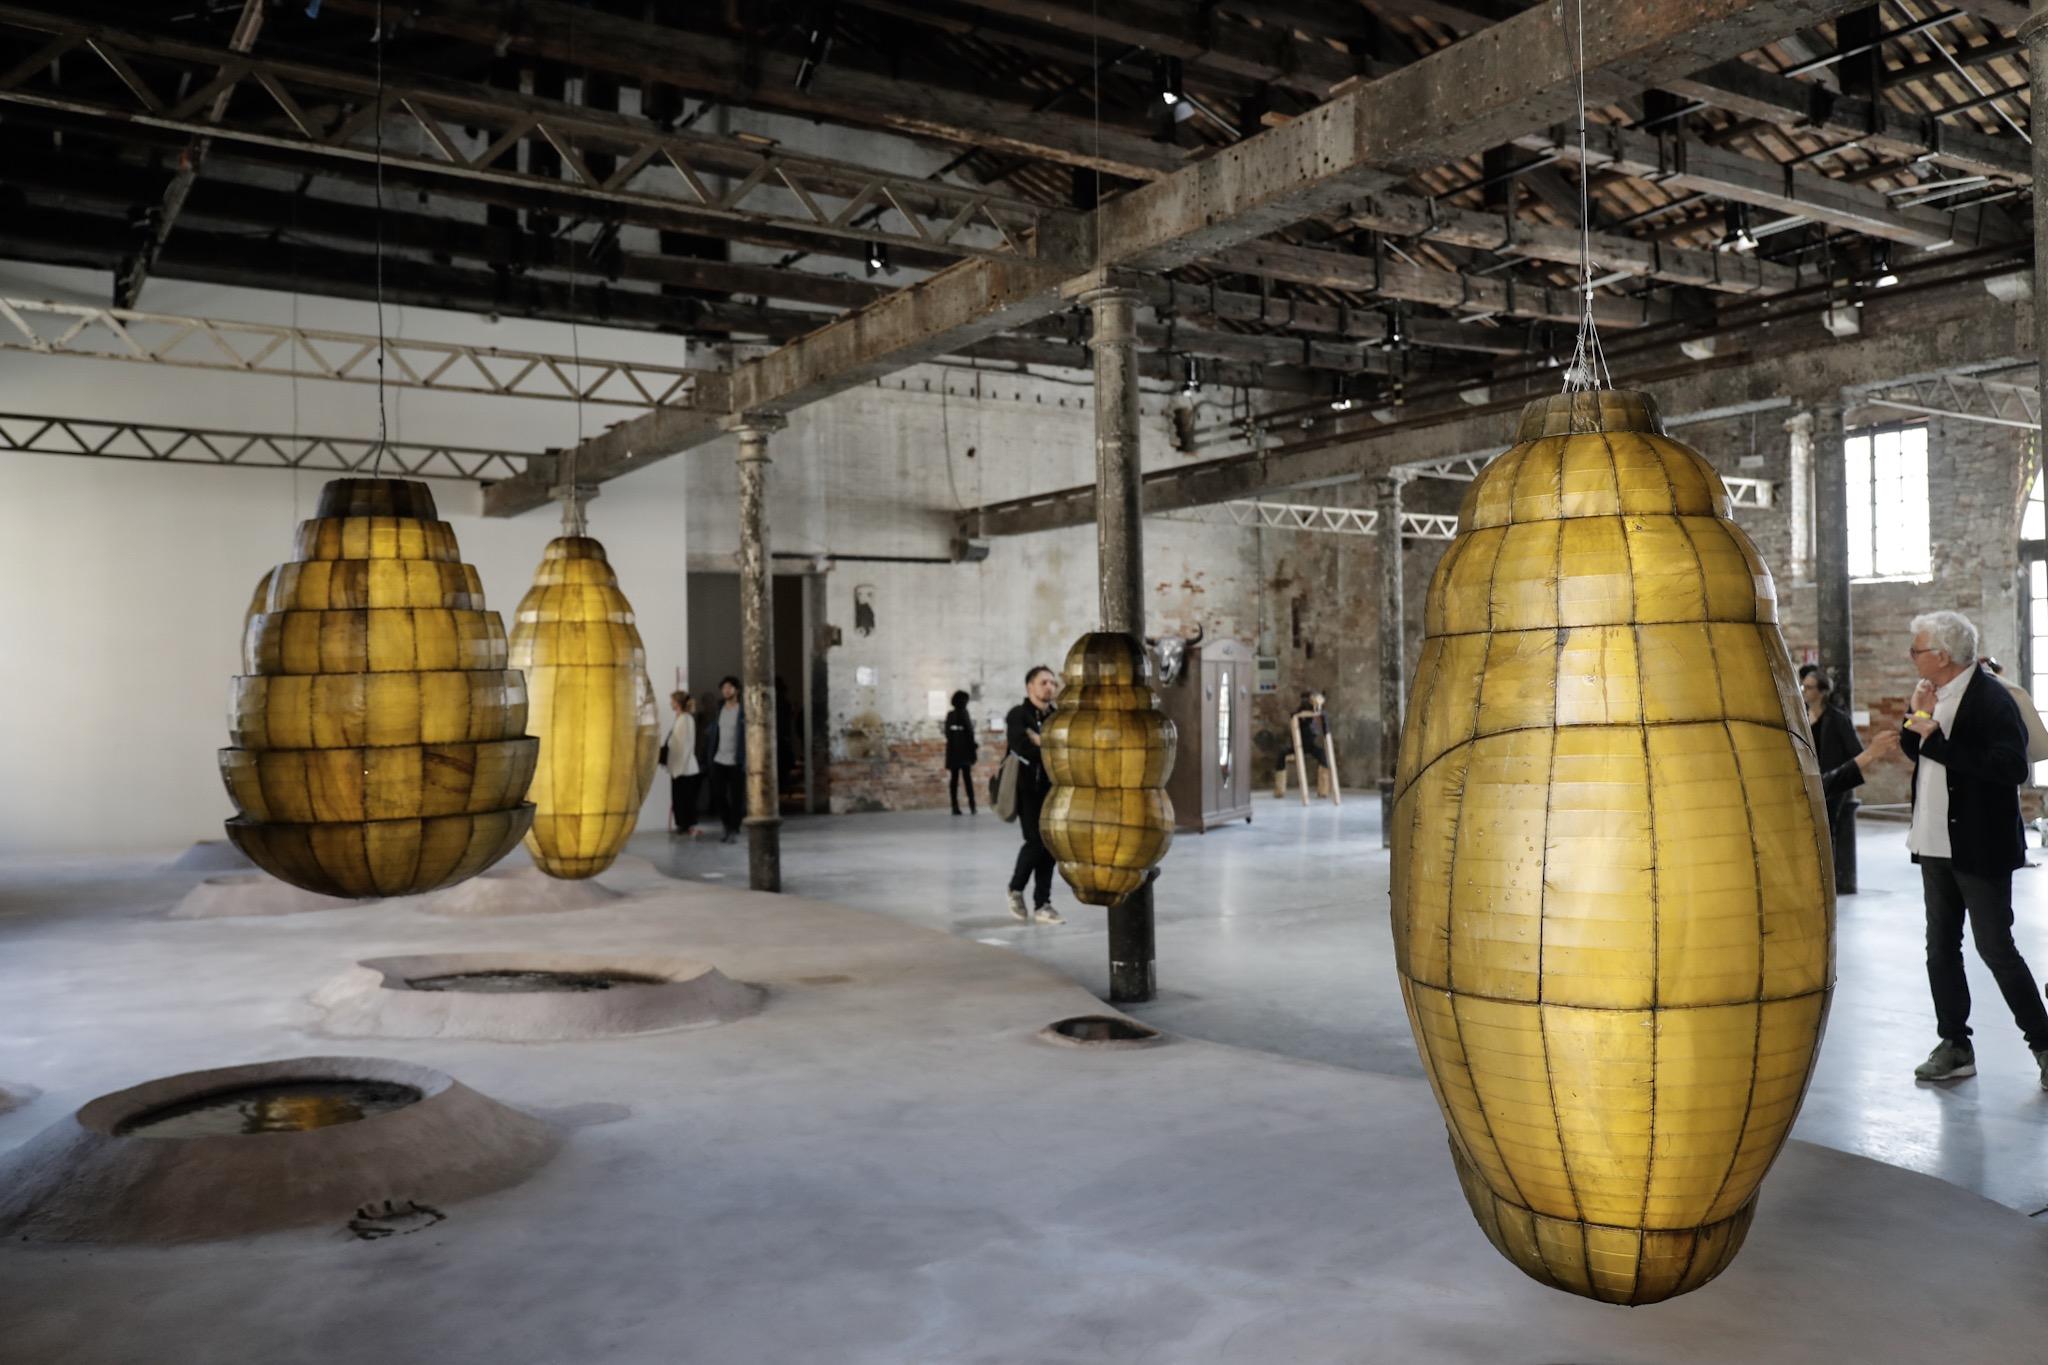 Photo: Jacopo Salvi – Photo courtesy La Biennale di Venezia